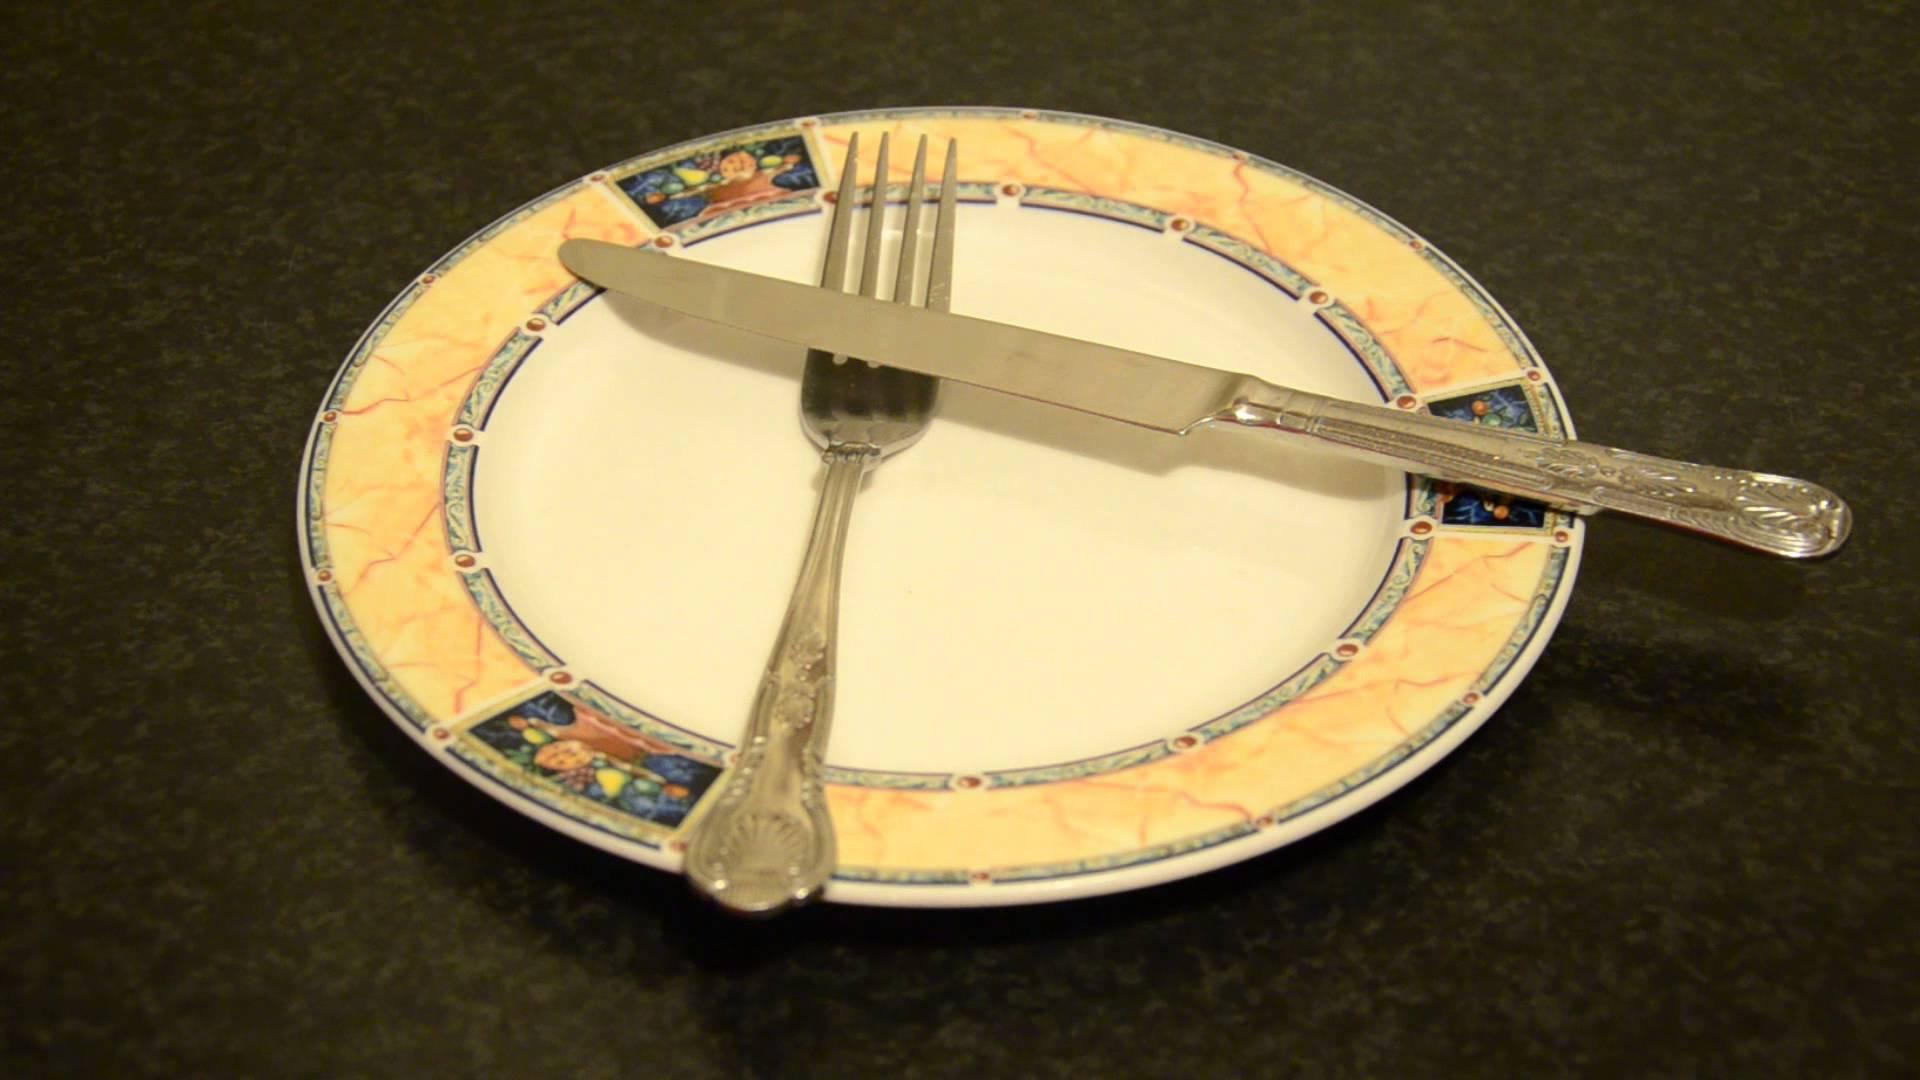 بالصور اتيكيت الشوكة والسكين , تعرف على طرق اتيكيت الشوكة والسكين 1773 2